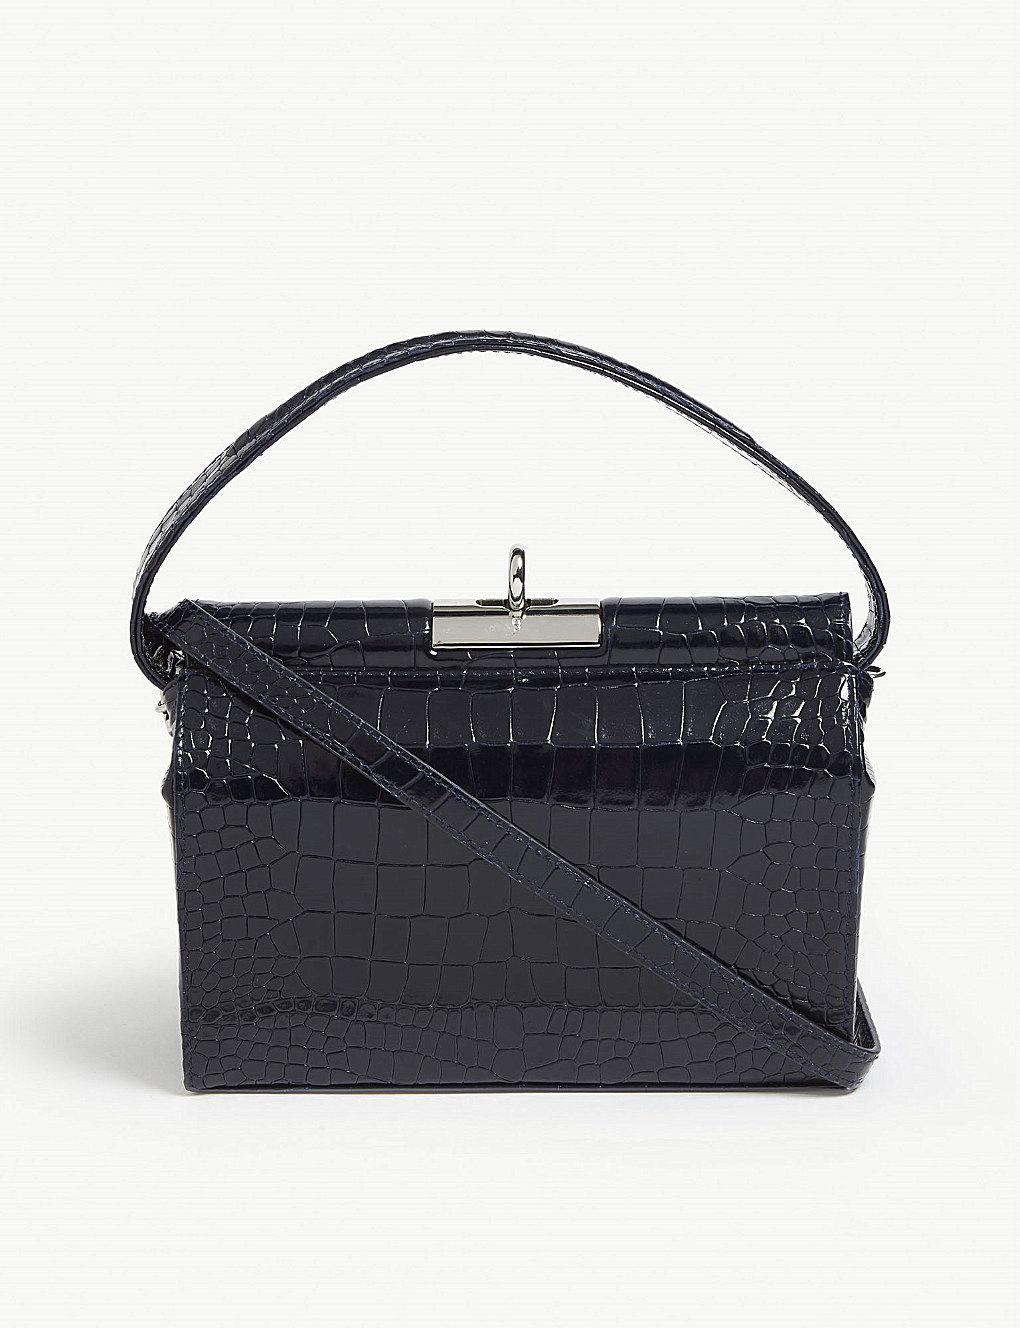 85300235030 GU DE Croc-embossed leather bag in 2019 | wl // bags bags bags ...